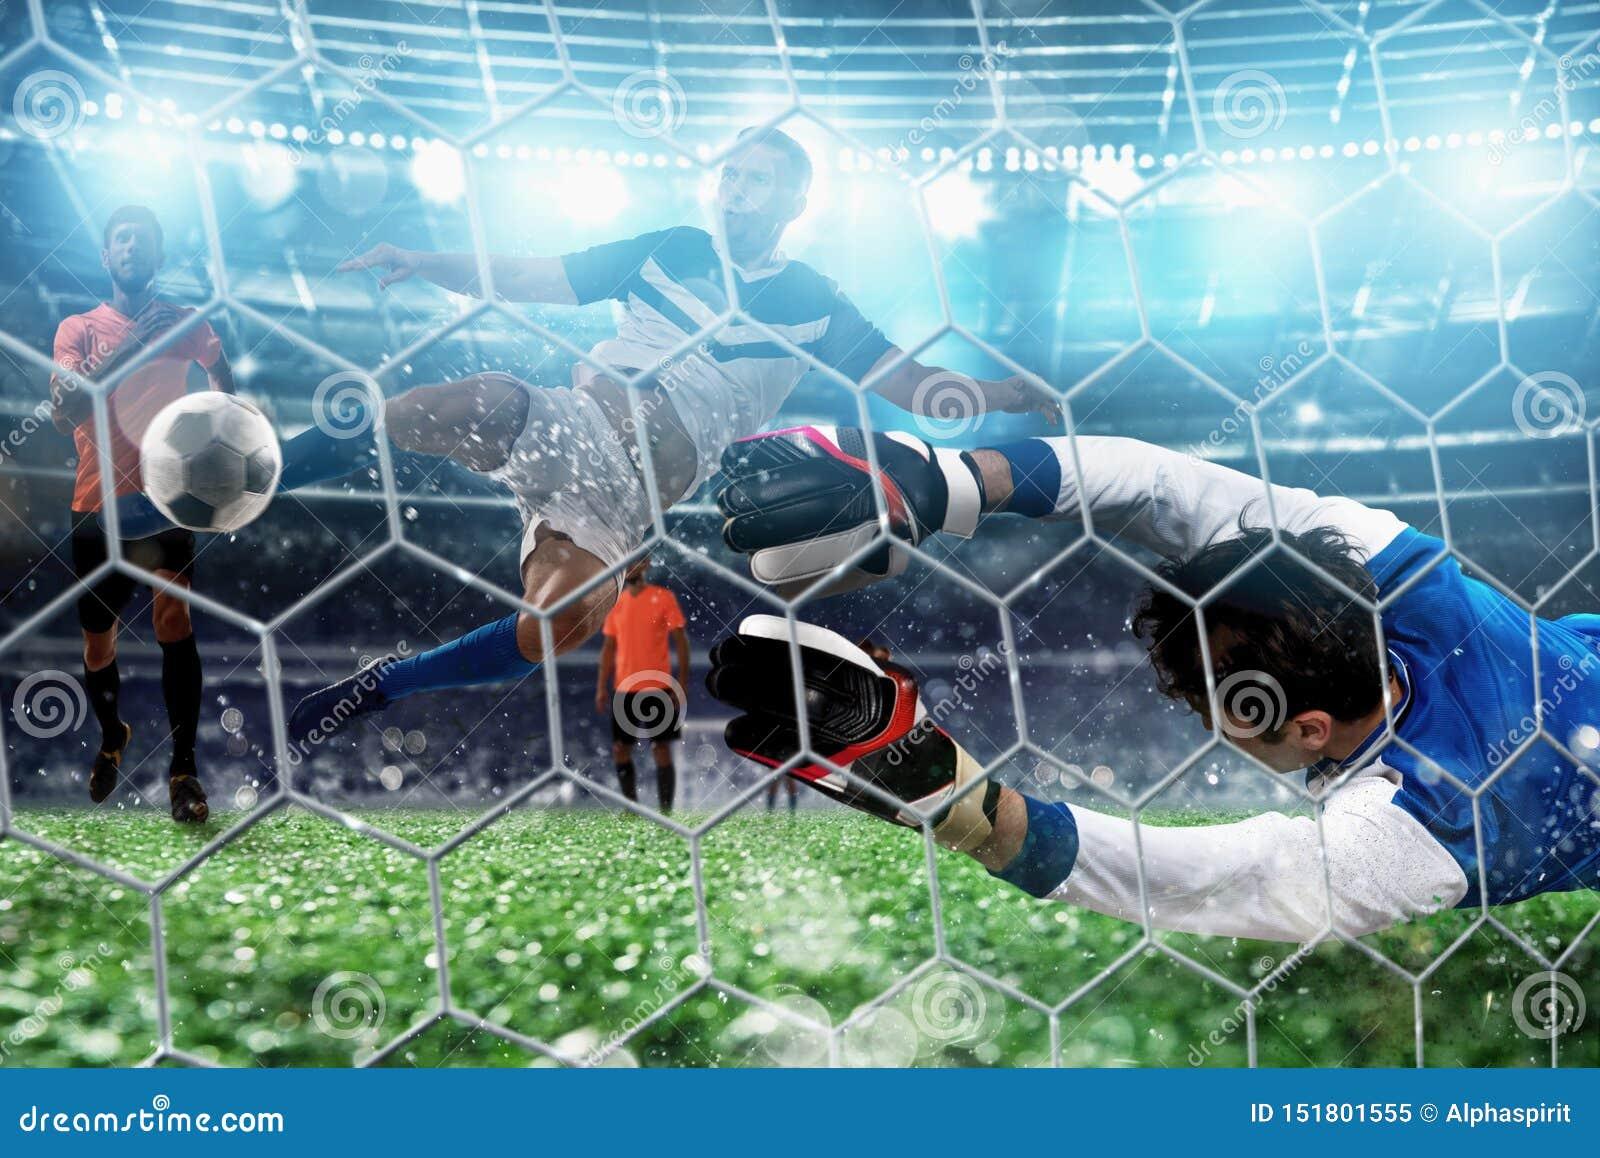 De keeper vangt de bal in het stadion tijdens een voetbalspel